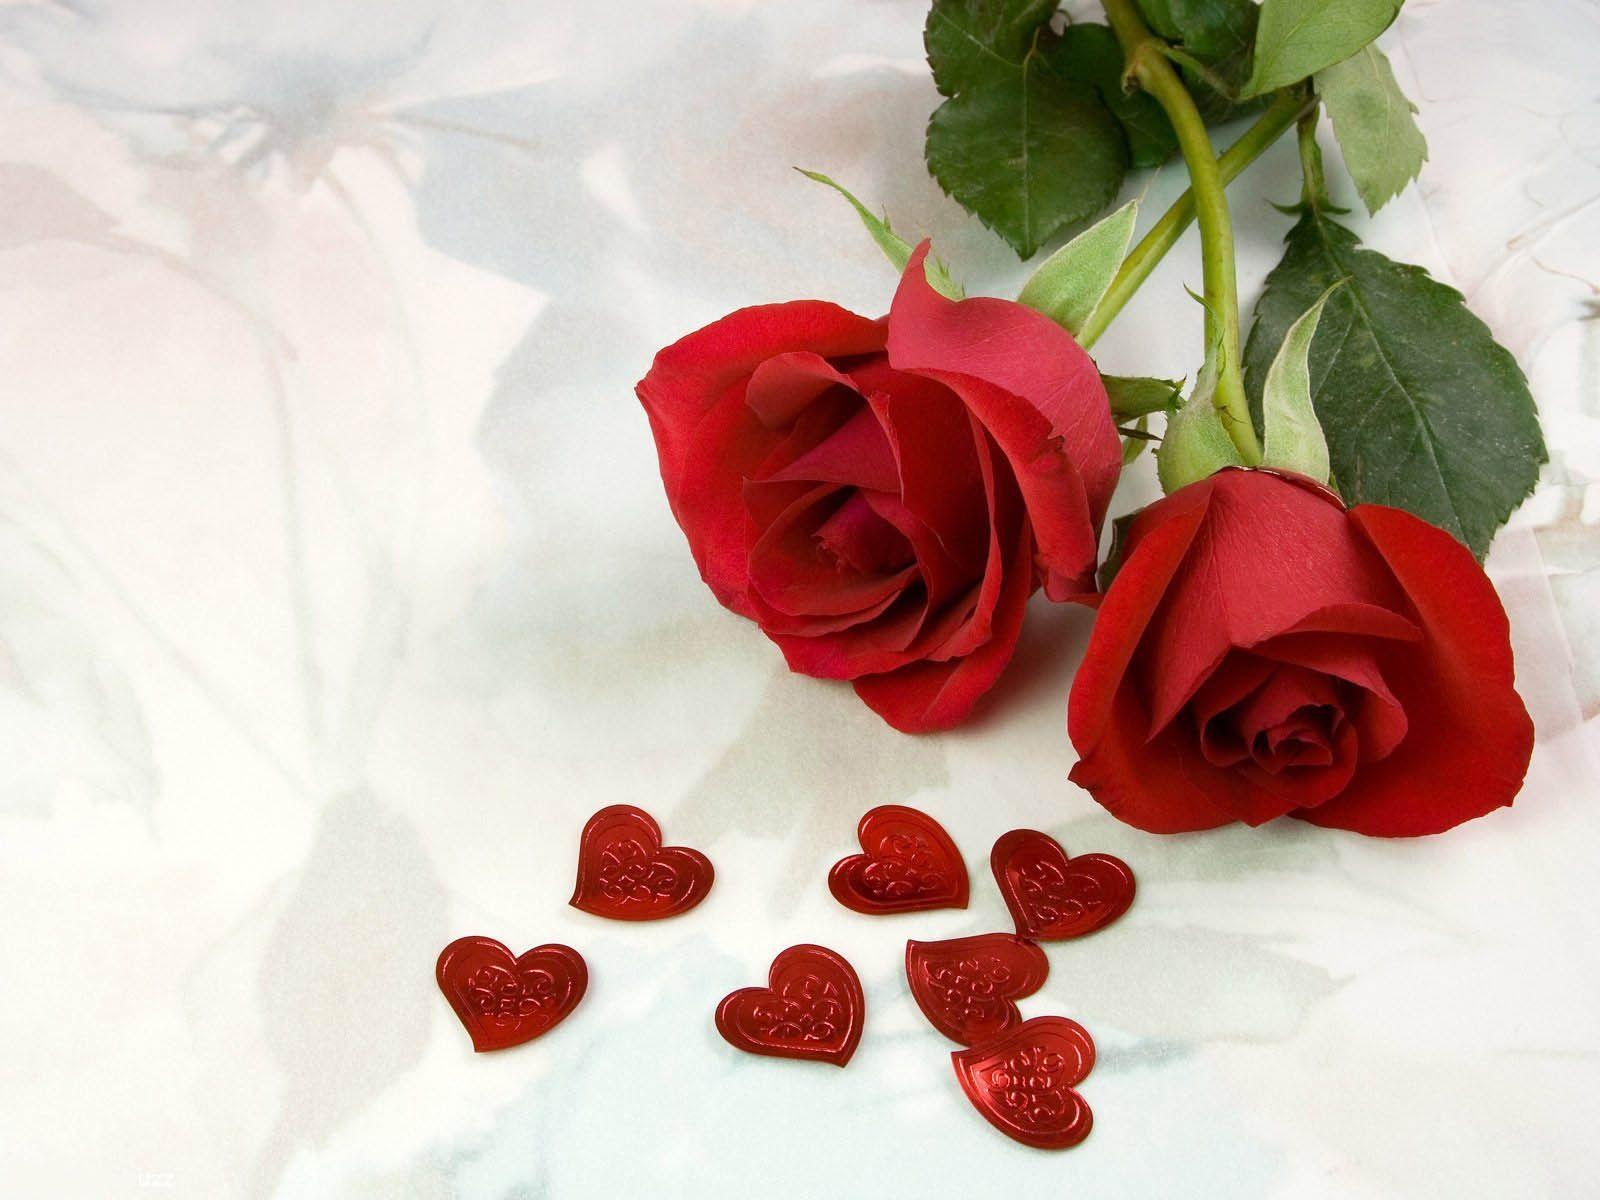 tải ảnh hoa hồng tình yêu đẹp nhất